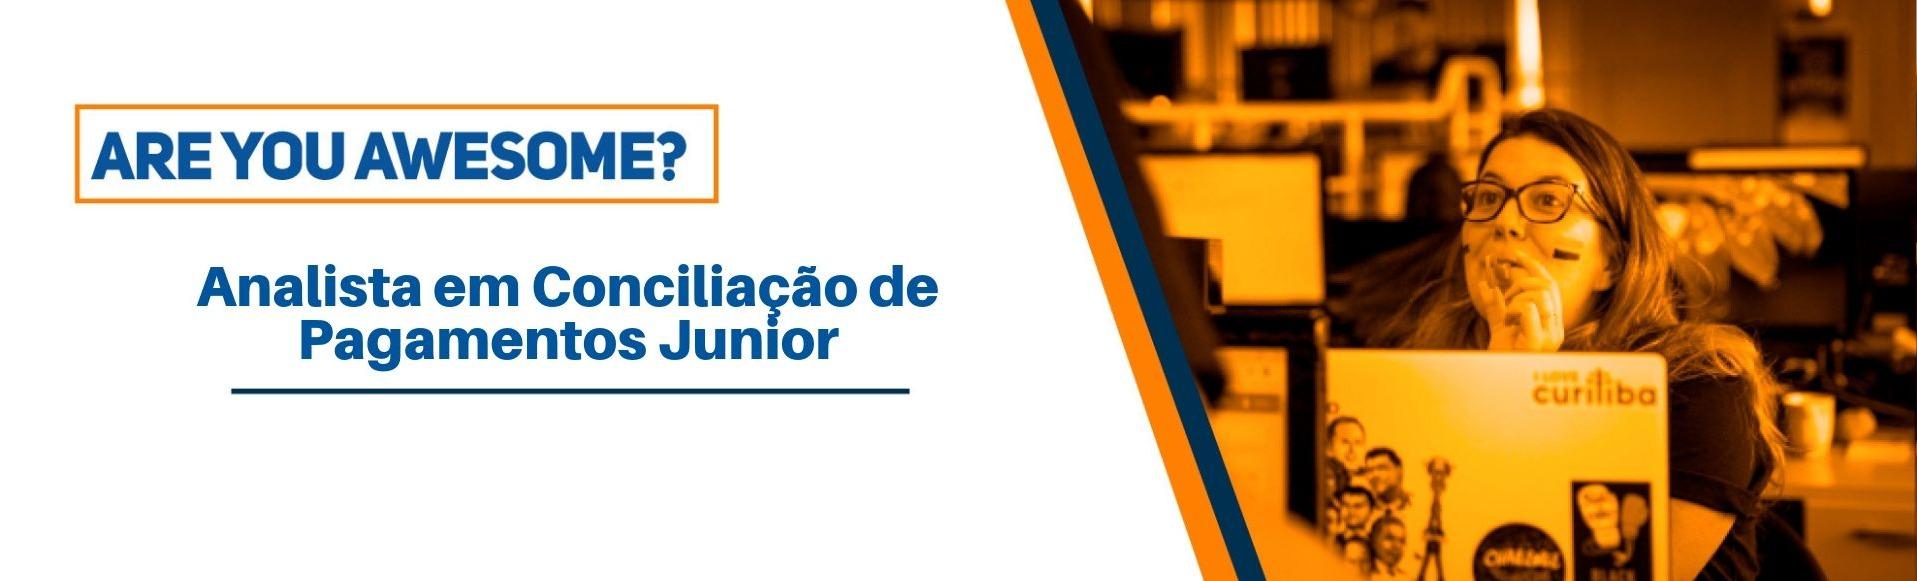 Analista em Conciliação de Pagamentos Junior